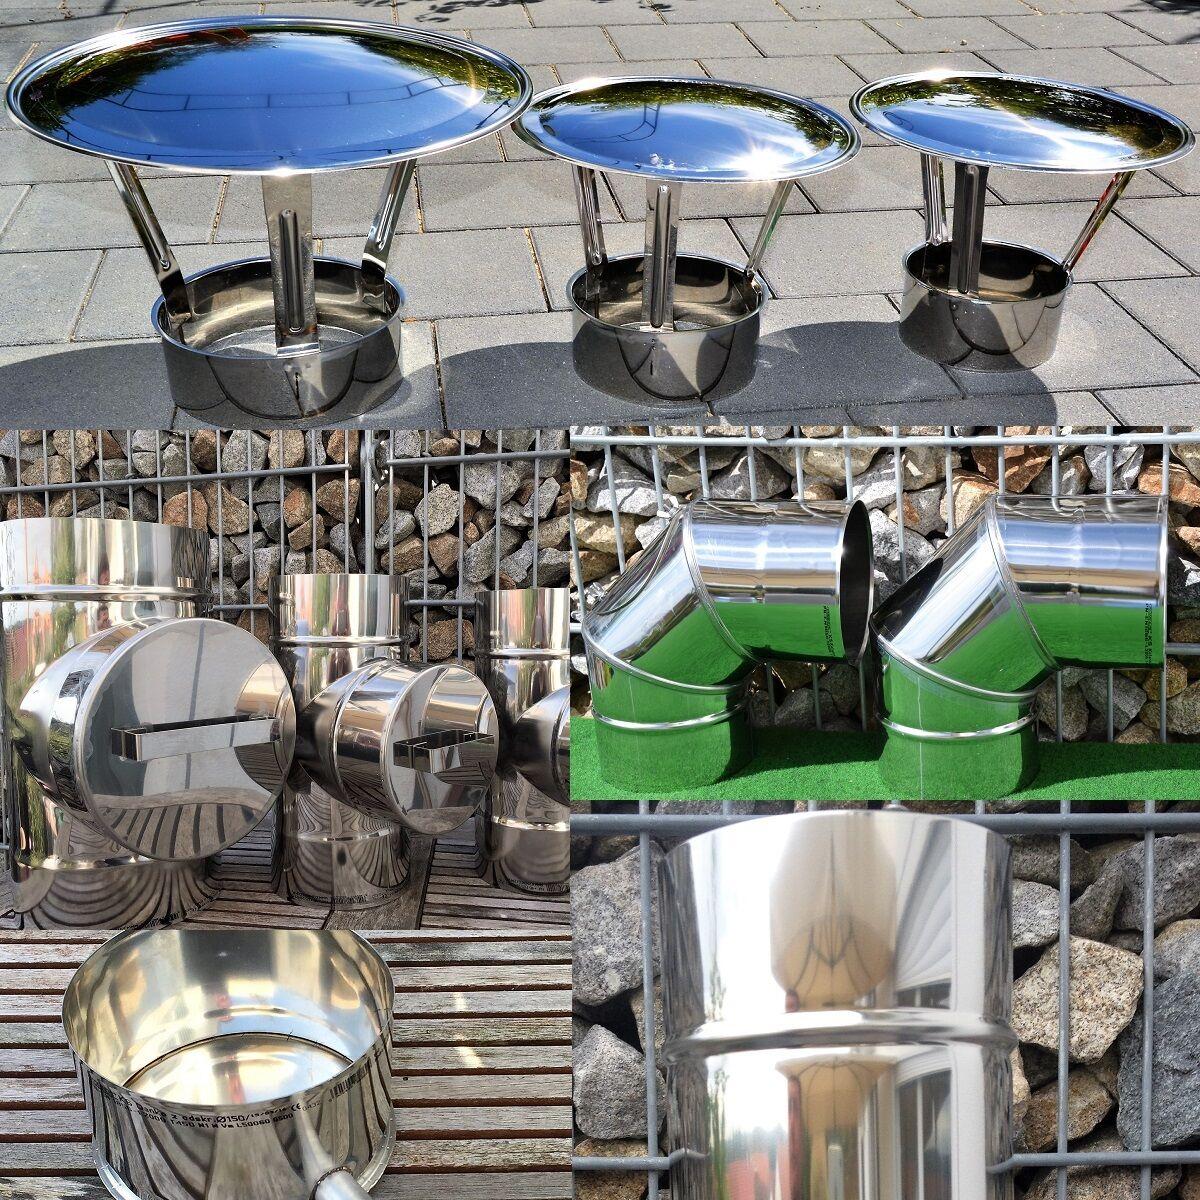 Edelstahl Schornstein Premium 1.4404 Sanierung Sanierung Sanierung Ofen Kamin Bogen Abgasrohr EW 0,6 0817d3